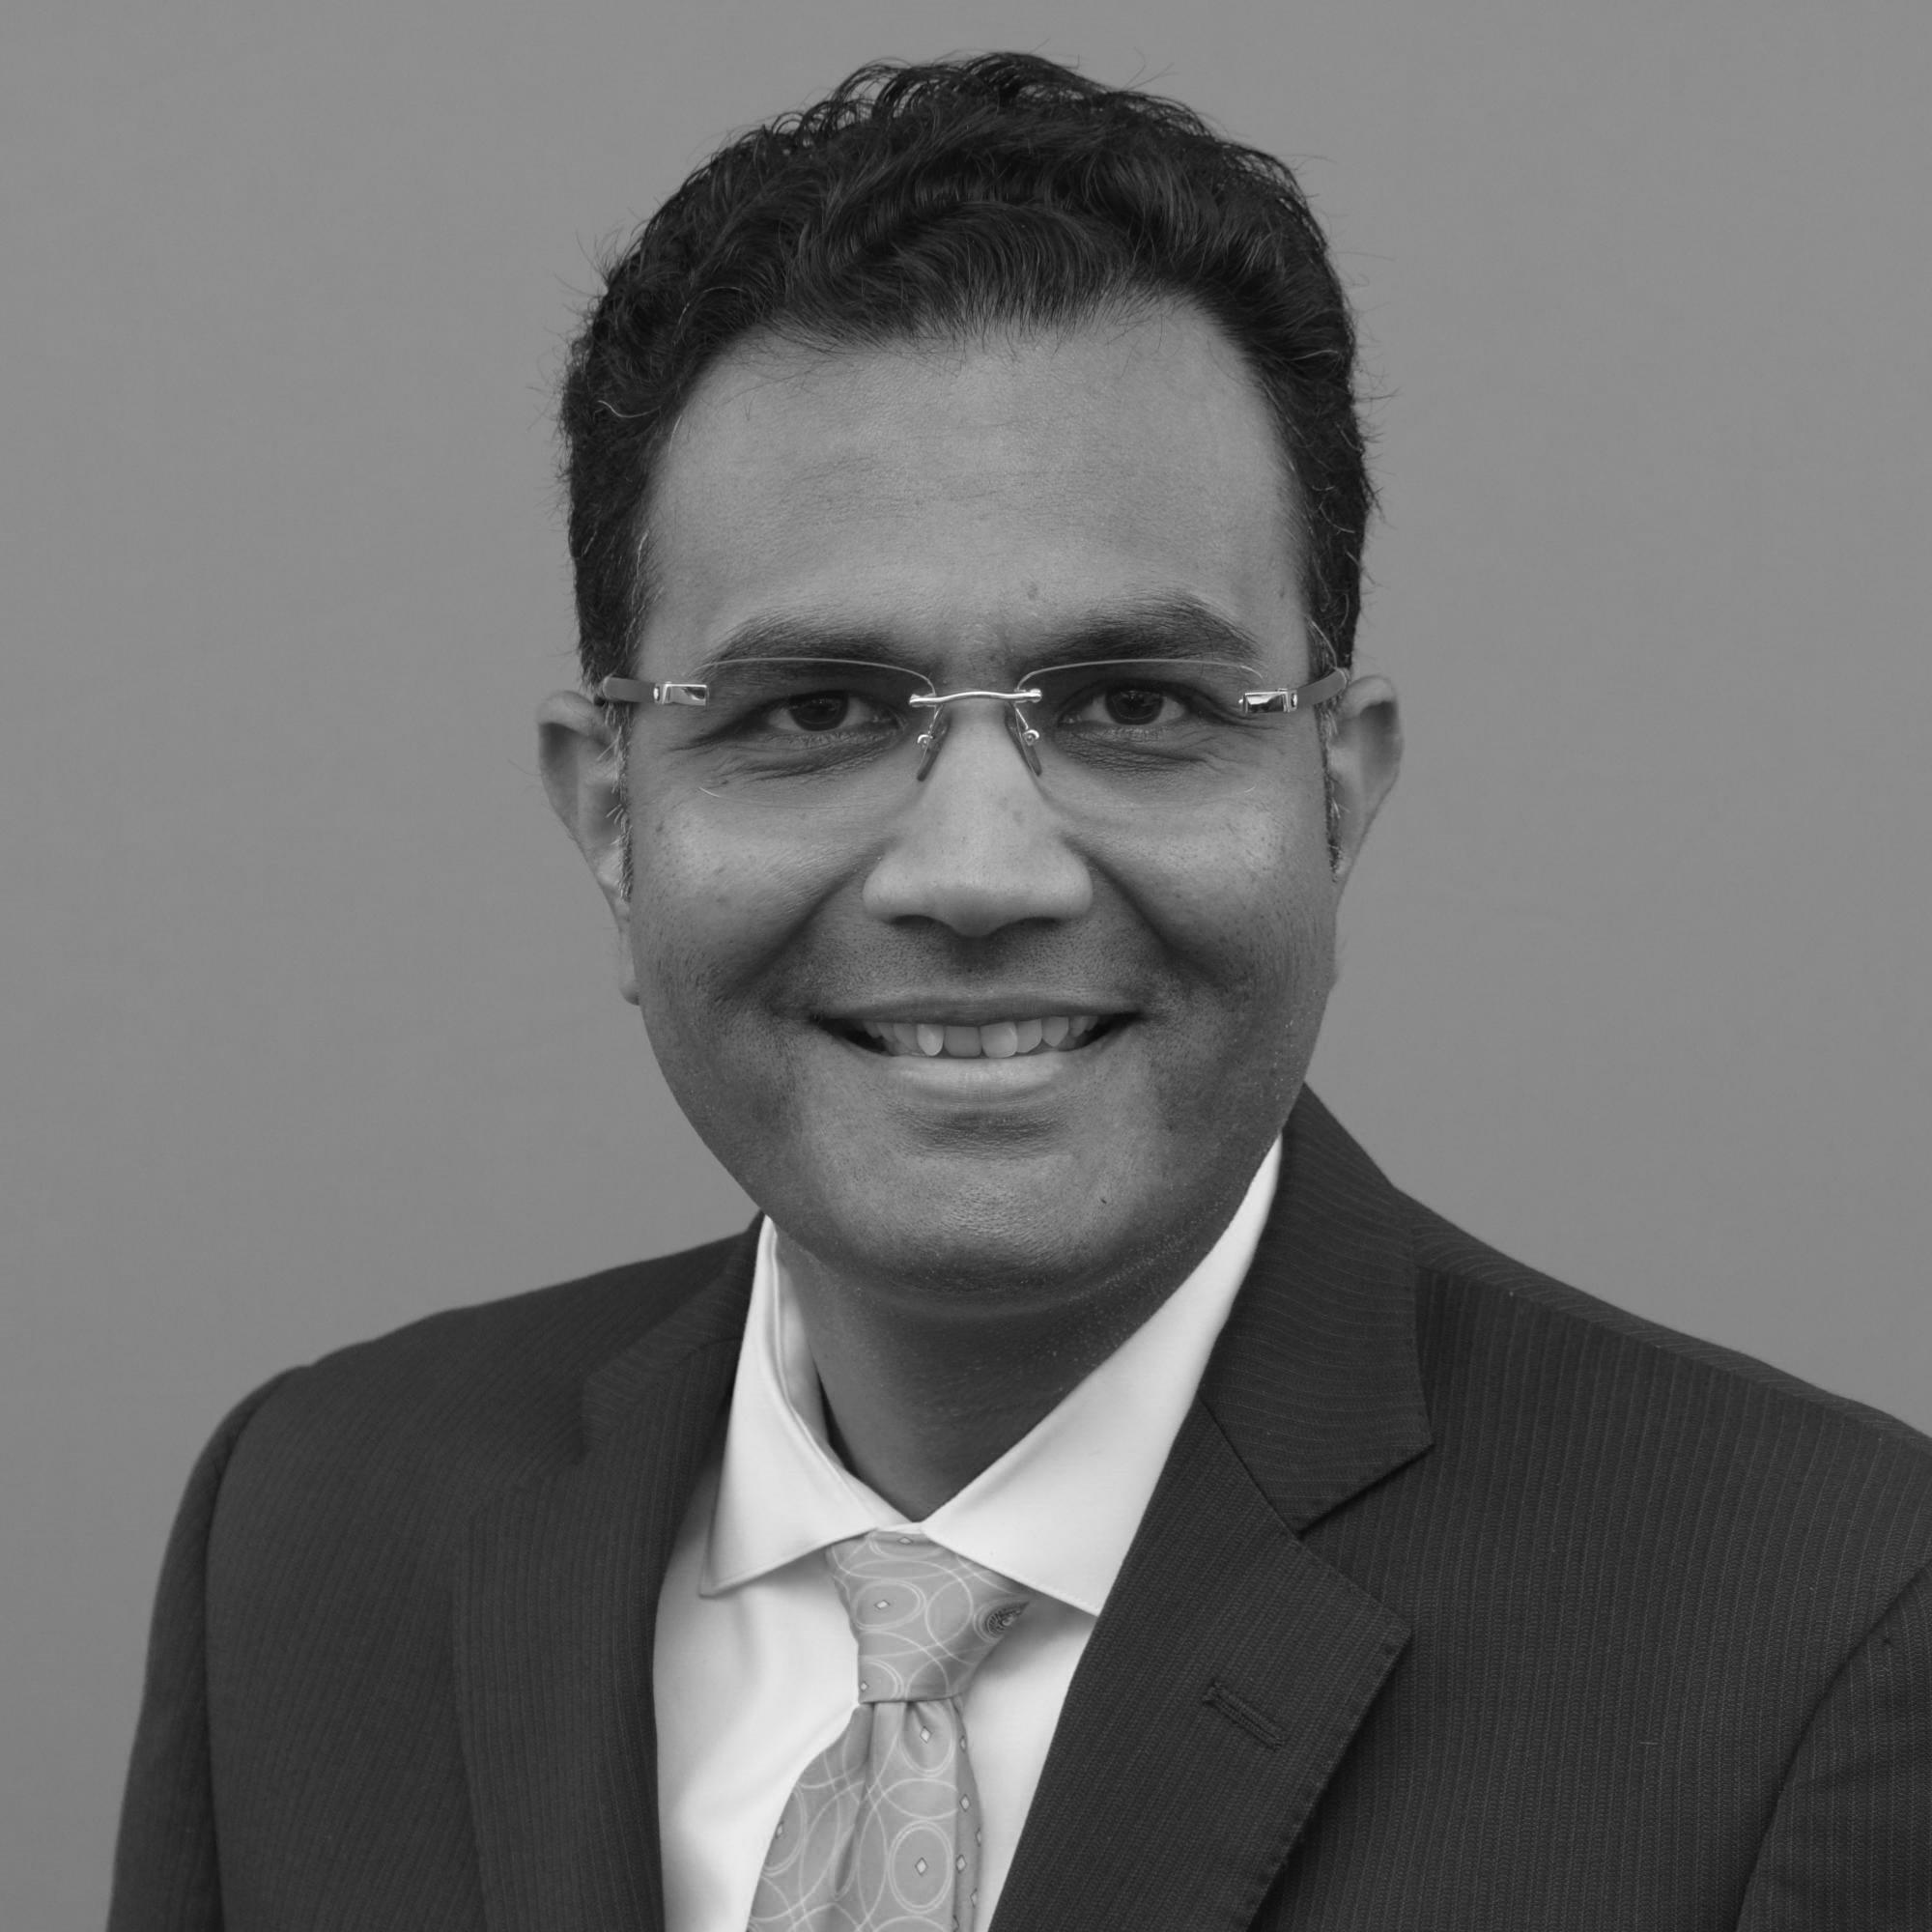 Pritesh Patel